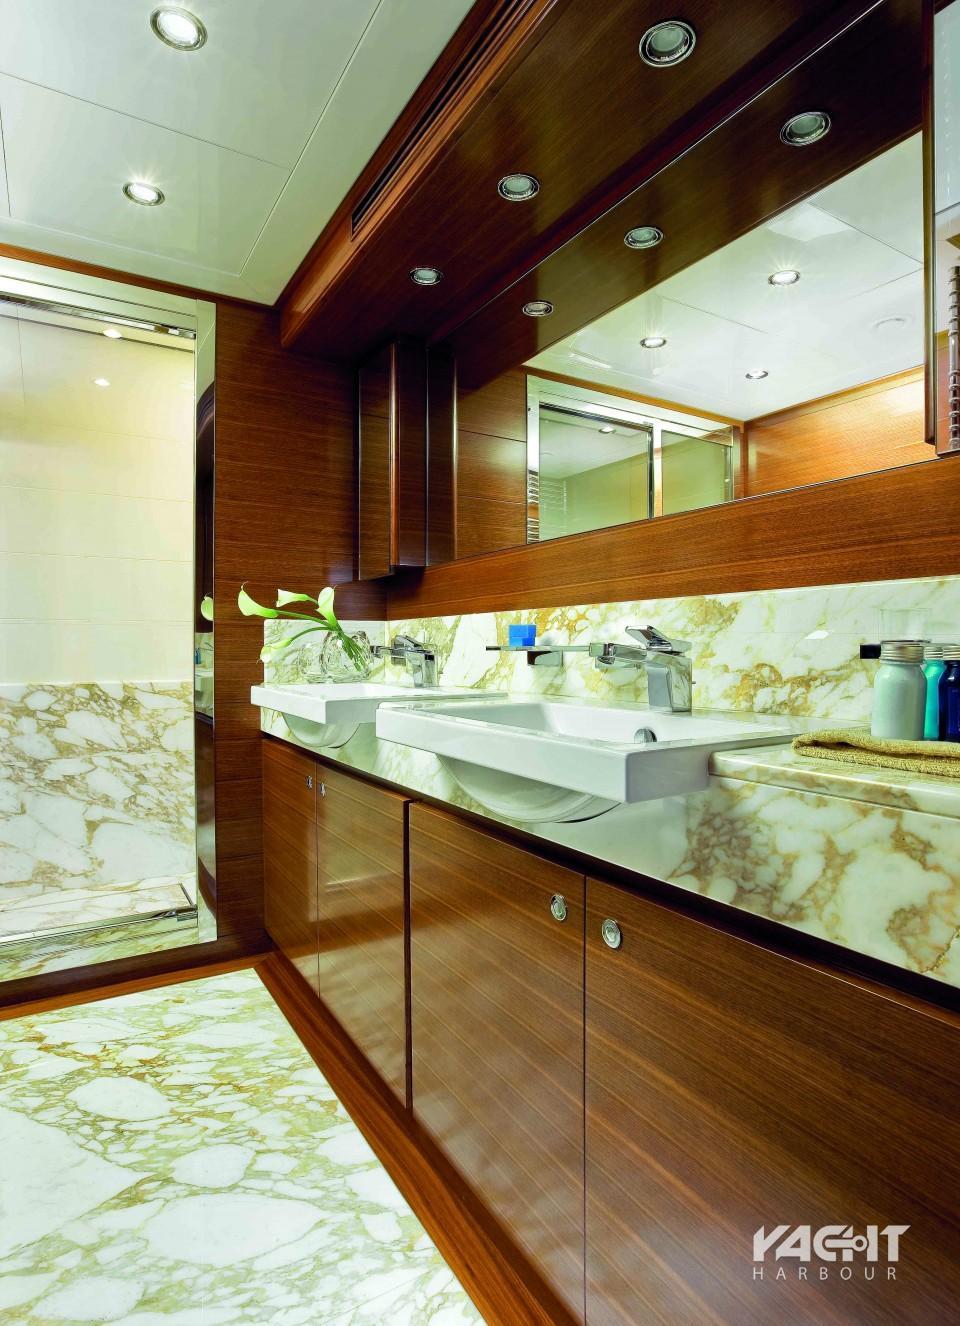 Η τουαλέτα του master υπνοδωματίου με τον μαρμάρινο πάγκο και το πάτωμα